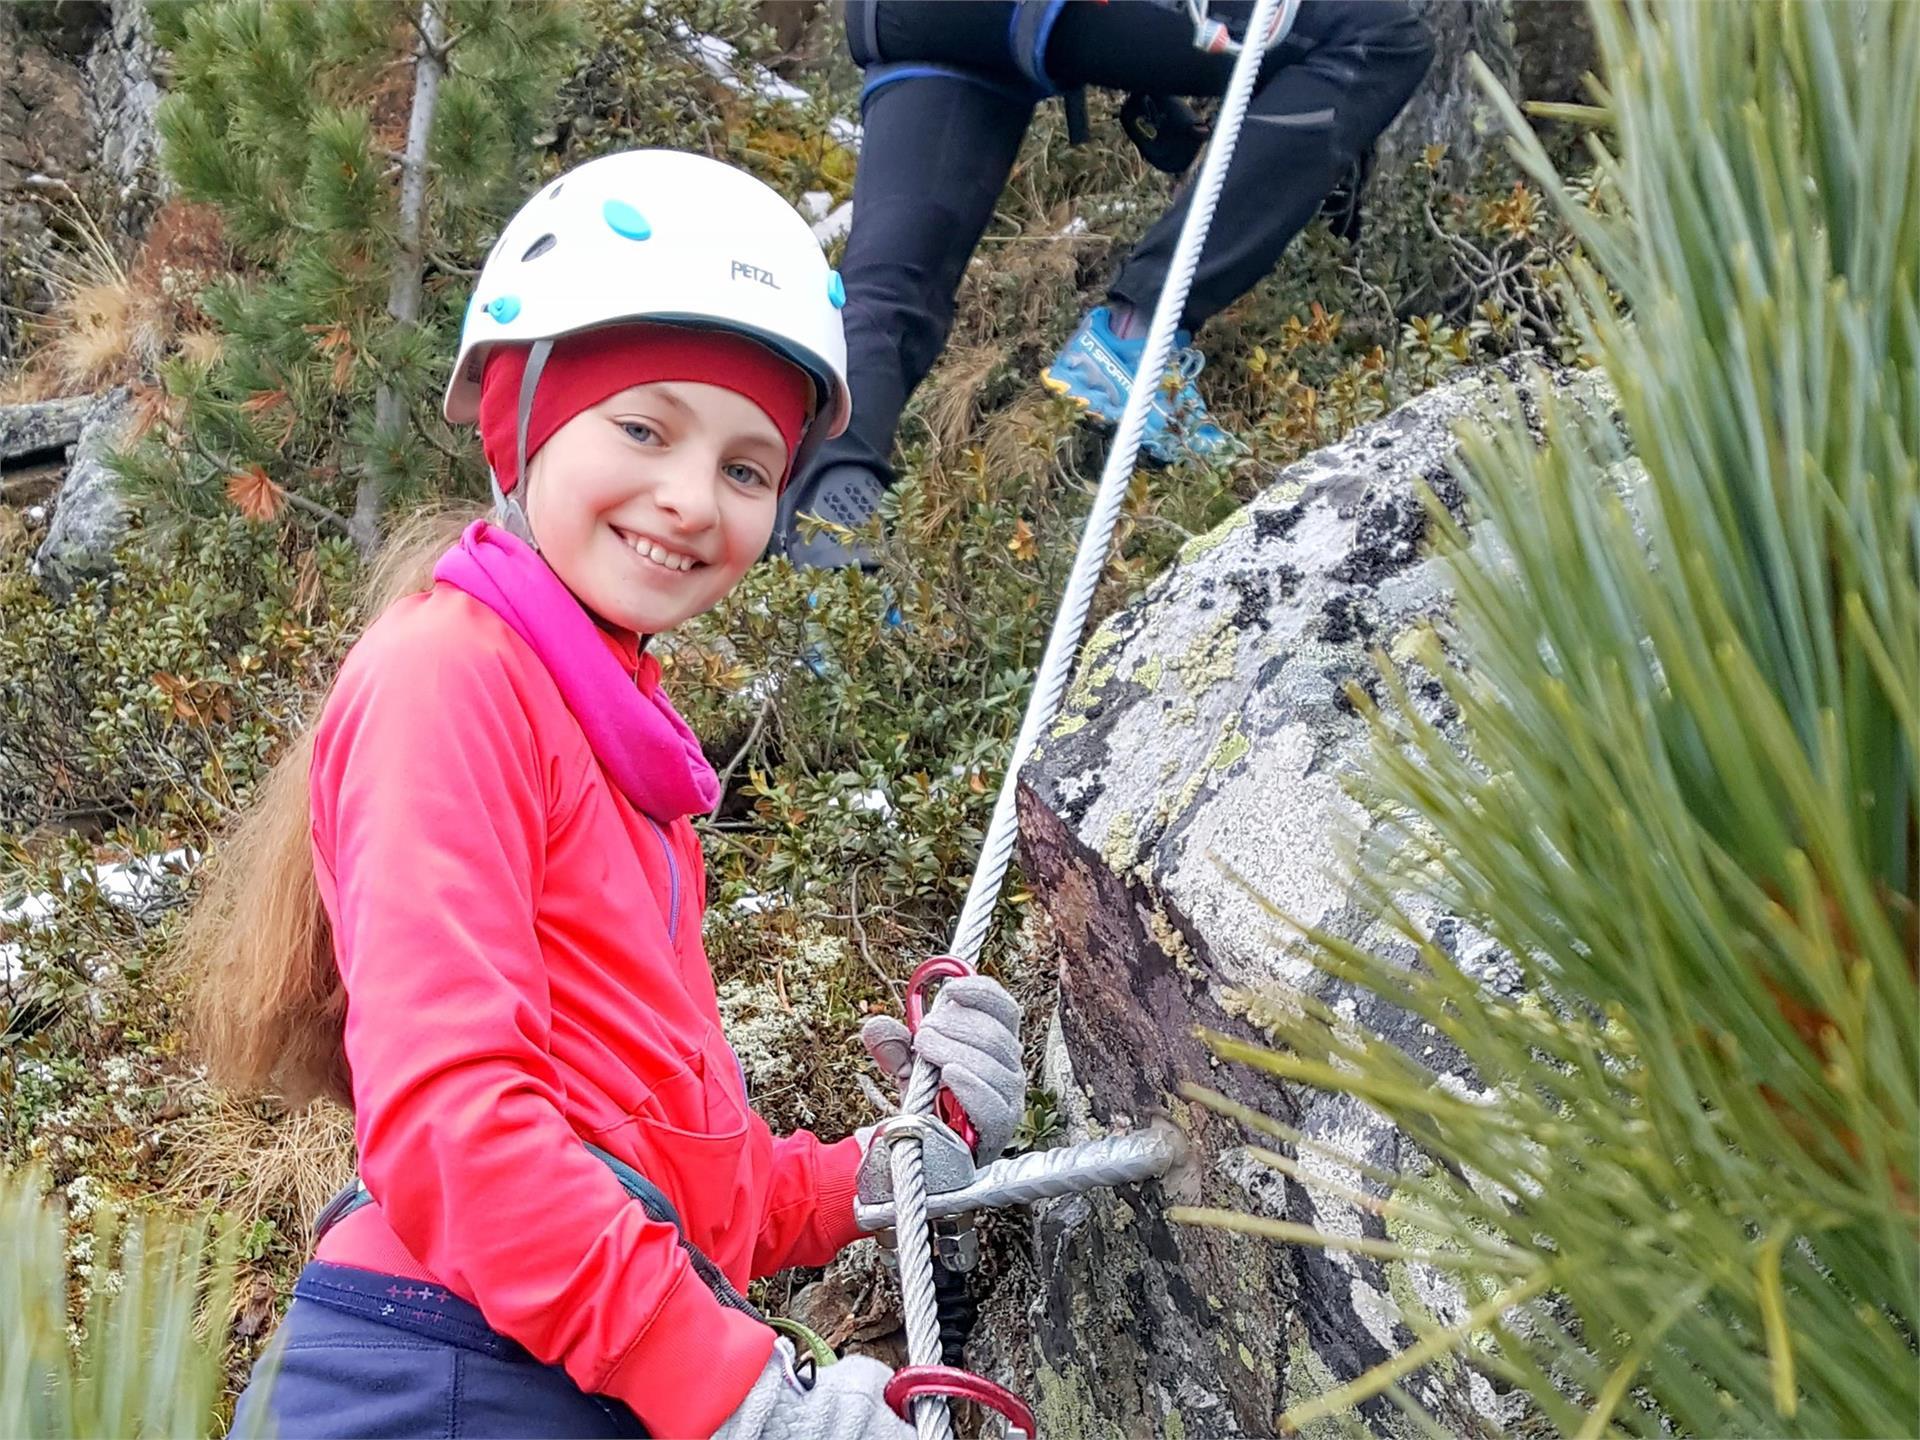 Camp d'arrampicata a Brunico (in lingua tedesca)